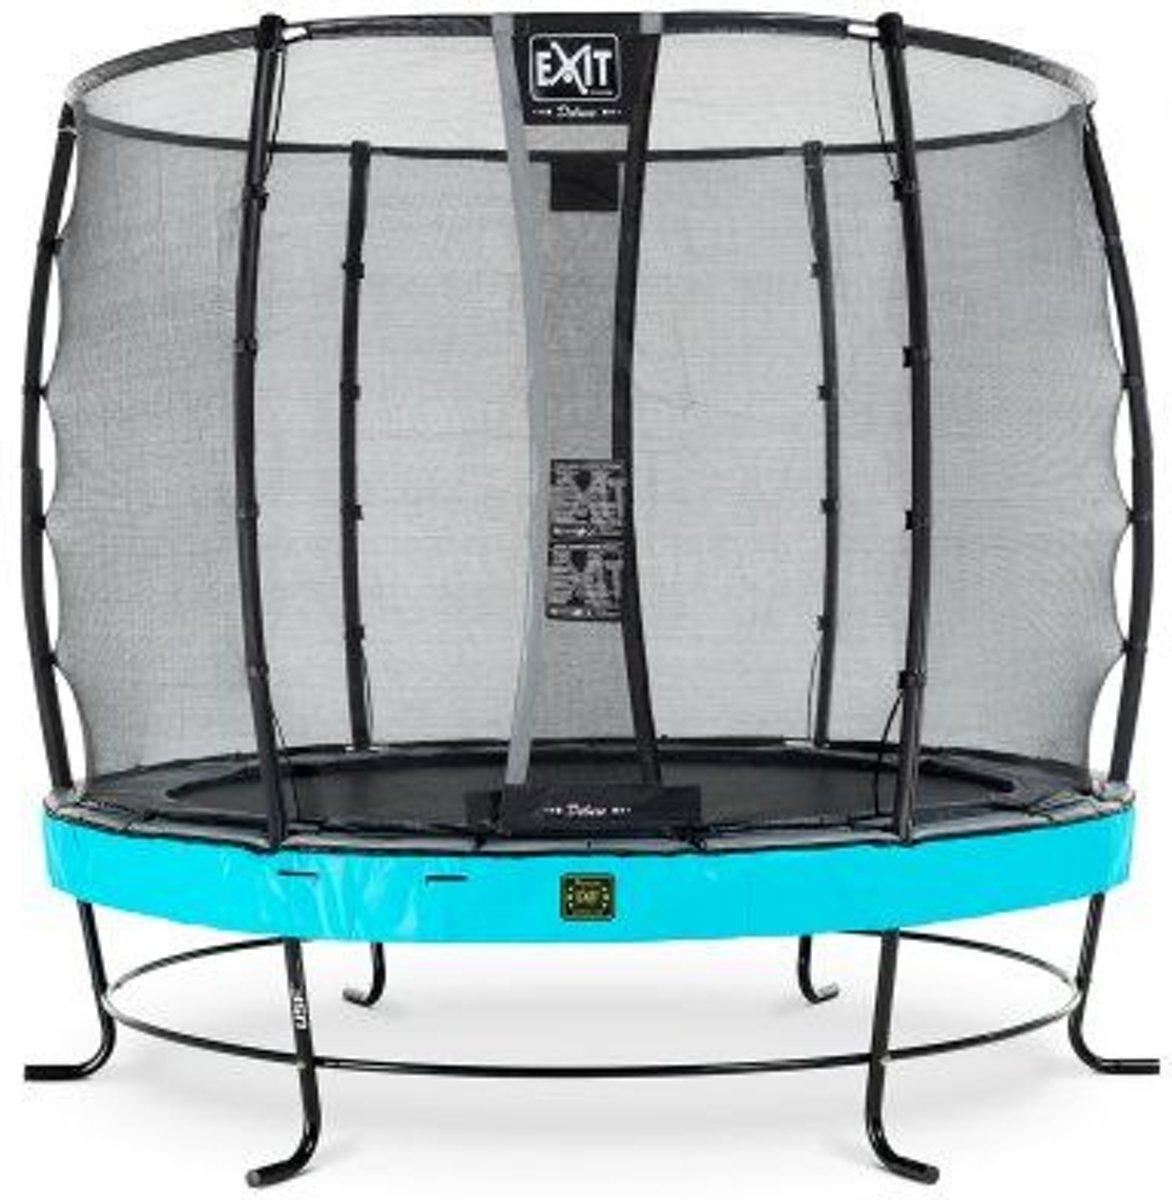 EXIT Elegant trampoline ø305cm met veiligheidsnet Deluxe - blauw